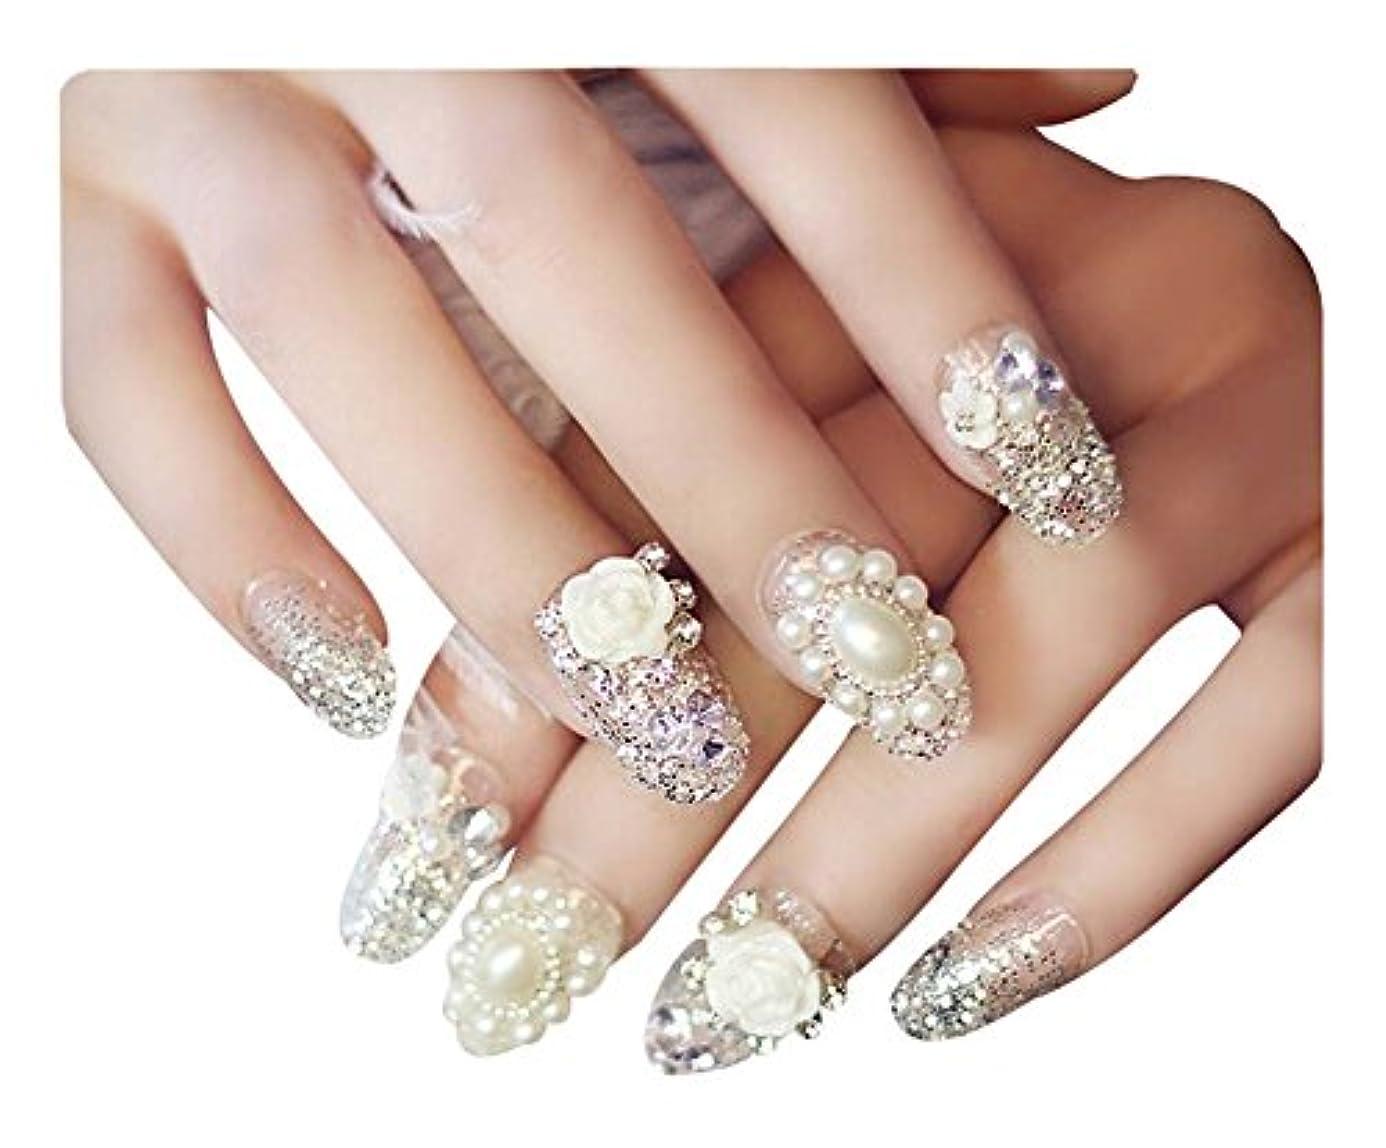 ドット余暇不潔人工真珠のラインストーンの偽の釘の結婚式の構造のネイルアート、ピンク、2パック - 48枚